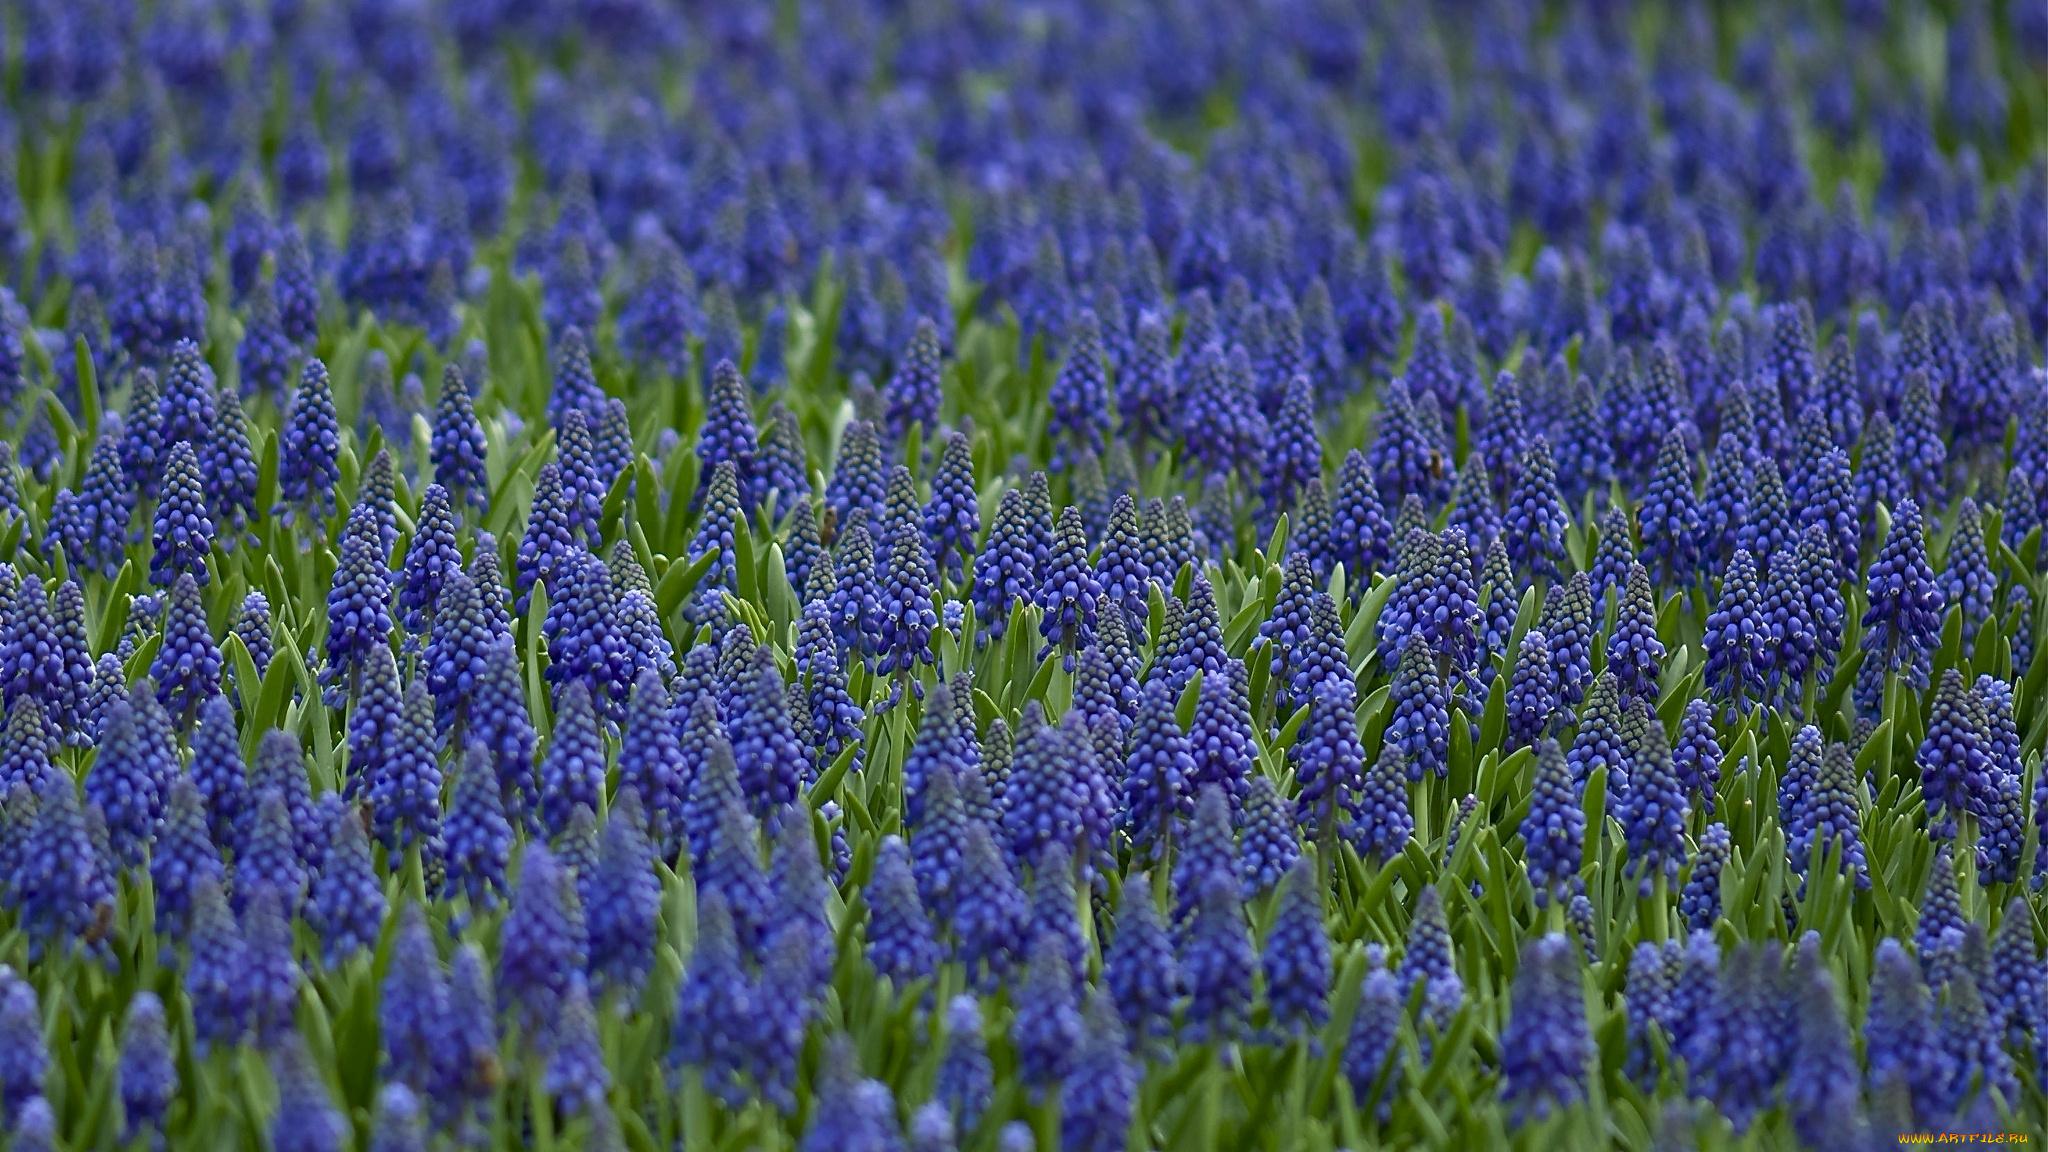 Мускари, синие цветы в хорошем качестве